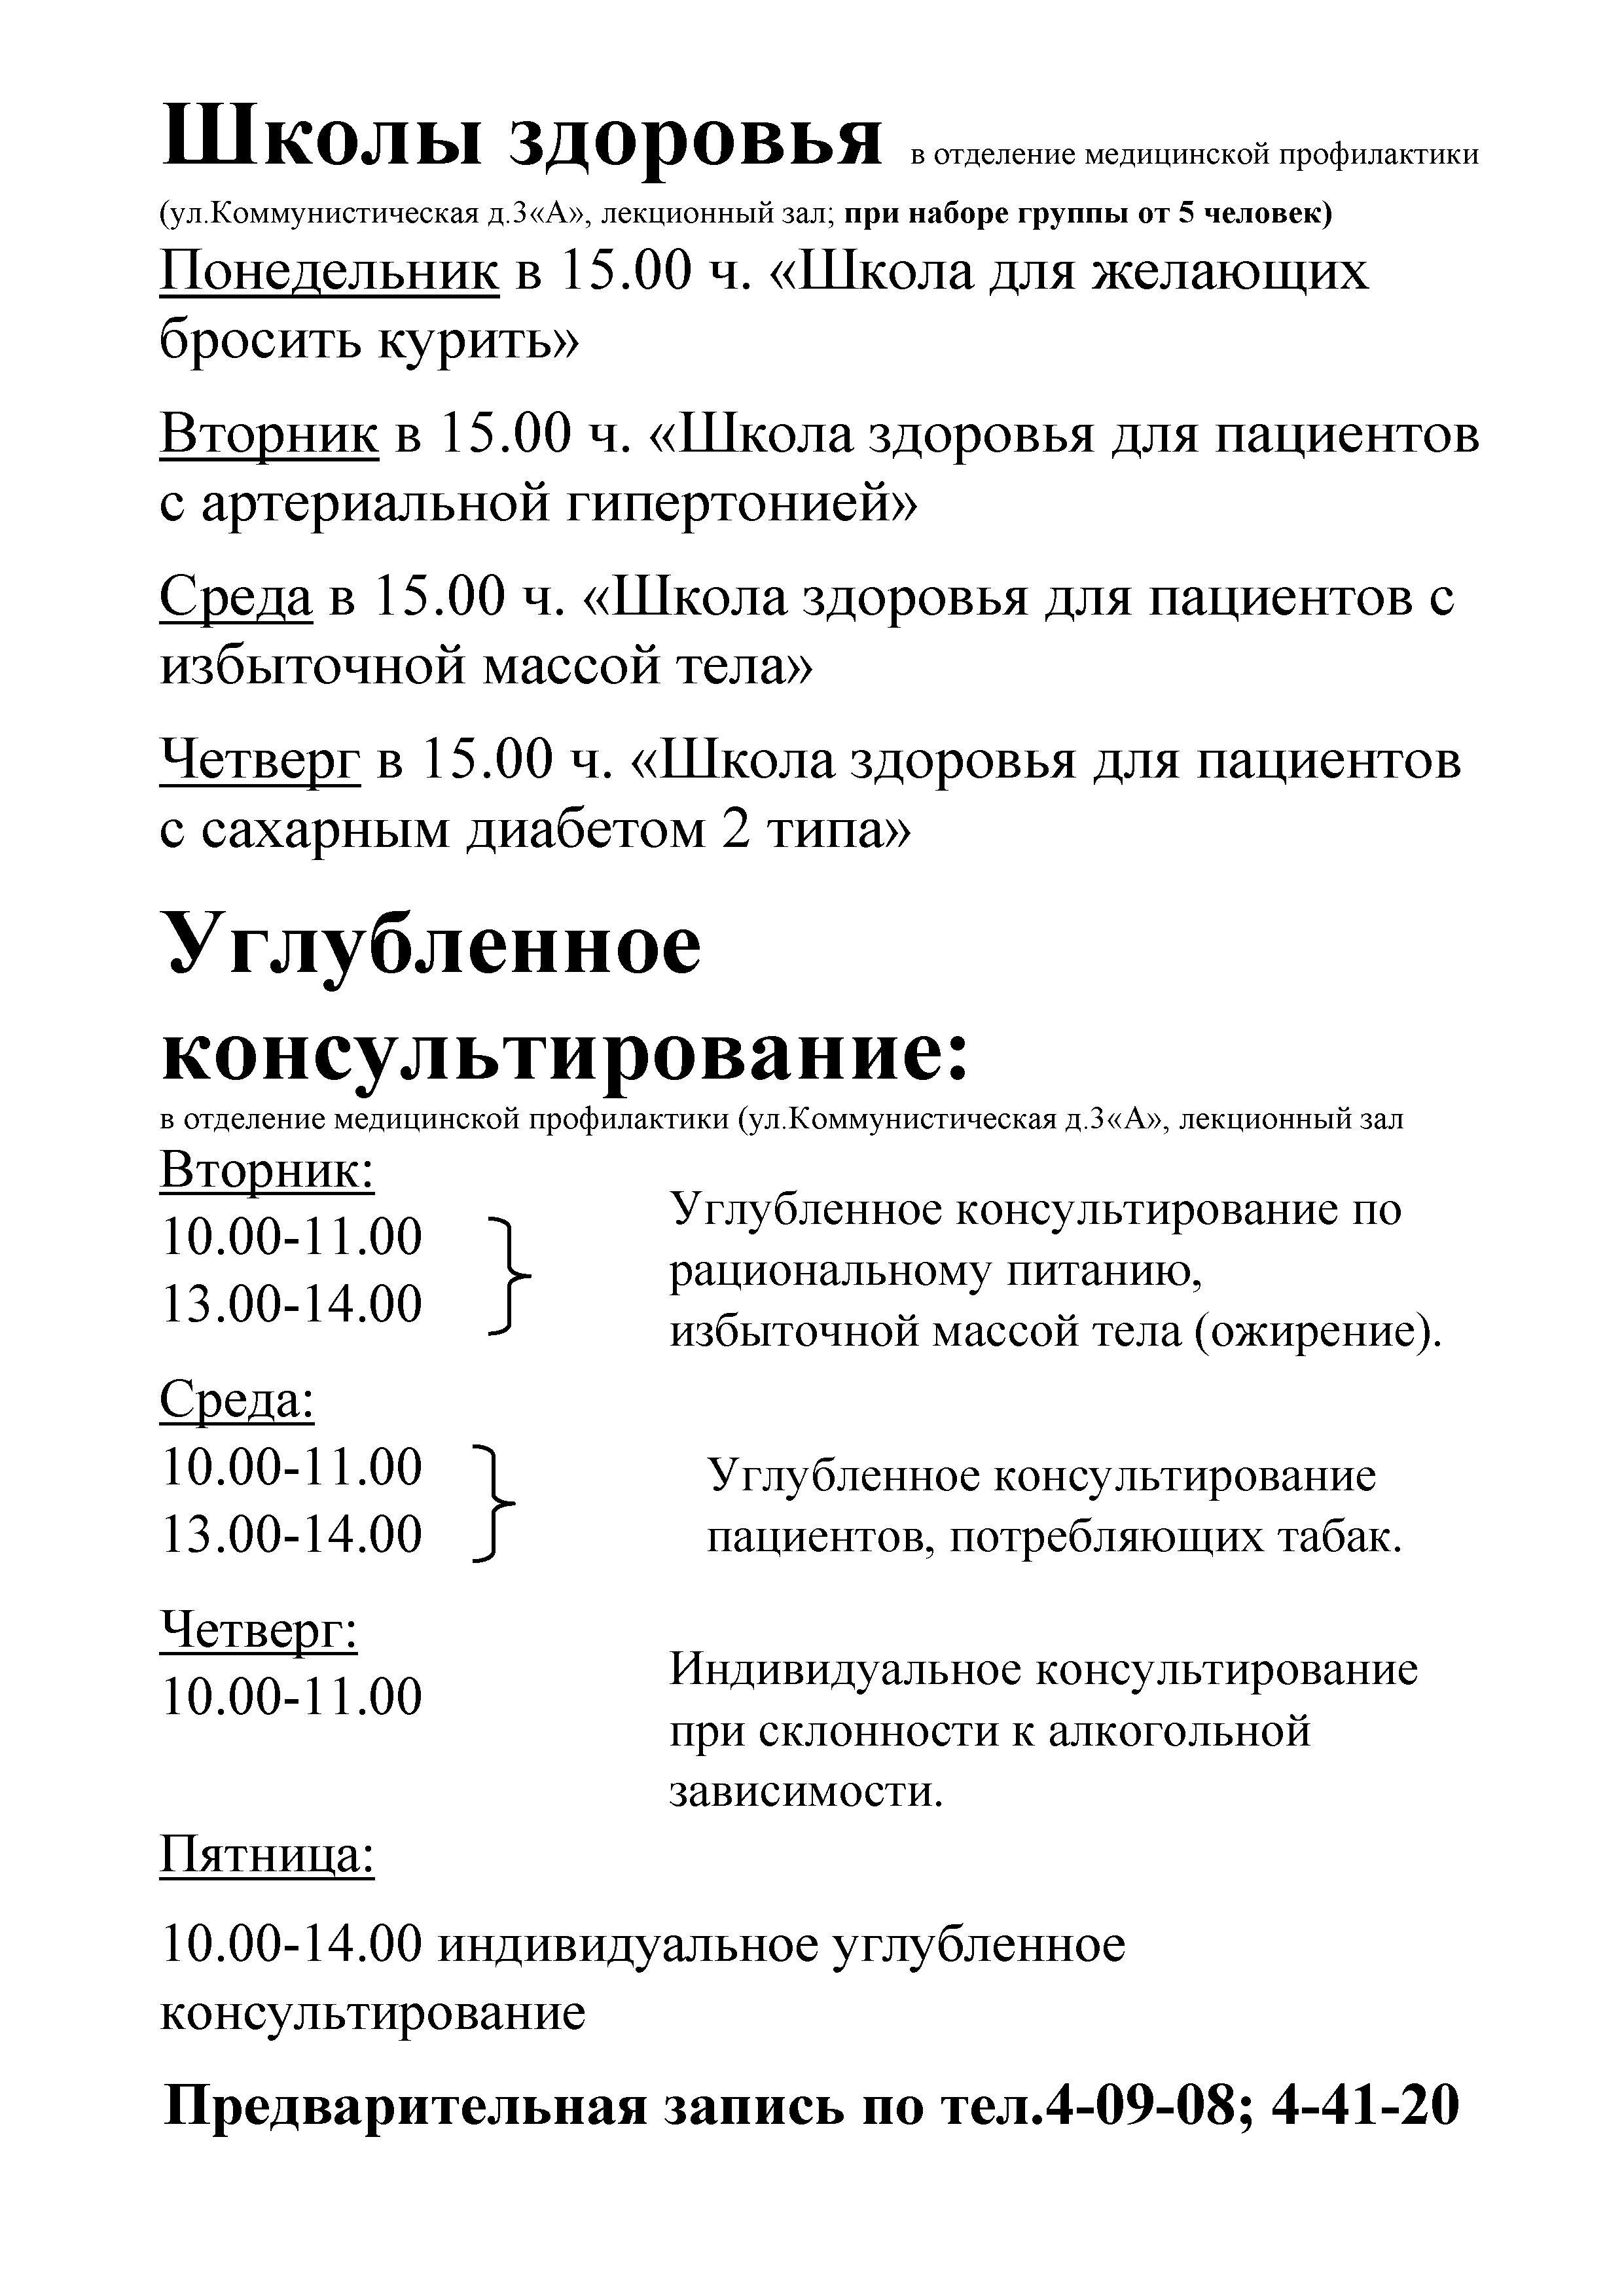 Выписной эпикриз 3-я Чоботовская аллея задачи по анализам крови